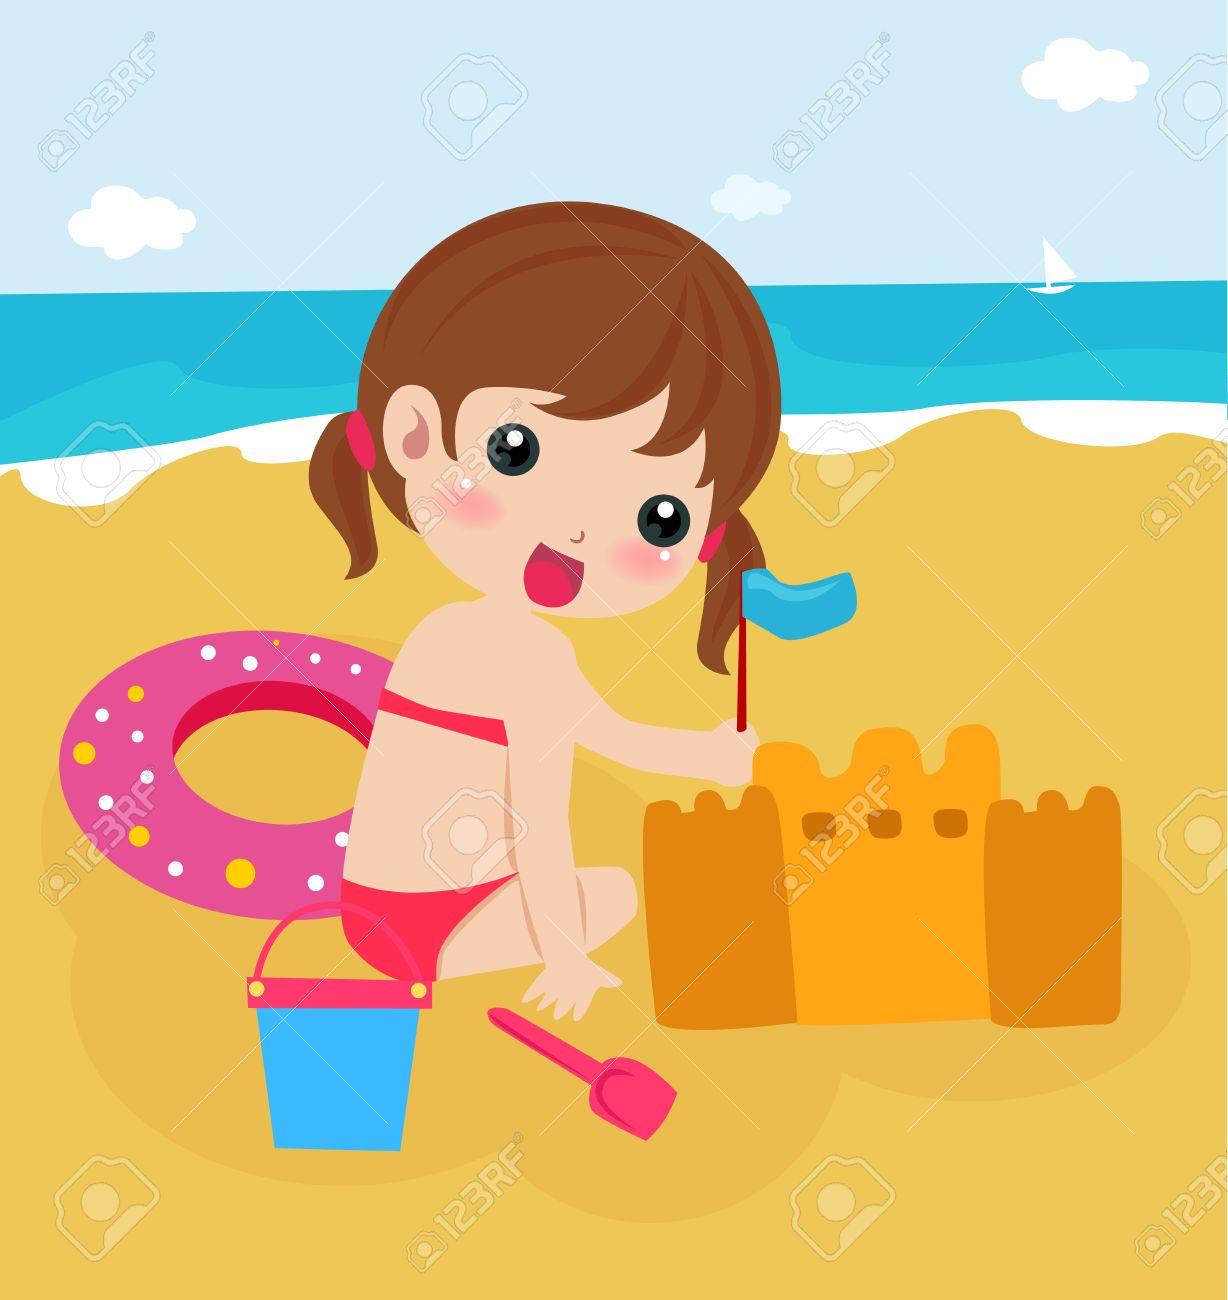 Sandburg clipart  Kleines Mädchen Baut Eine Sandburg Am Strand Lizenzfrei Nutzbare ...